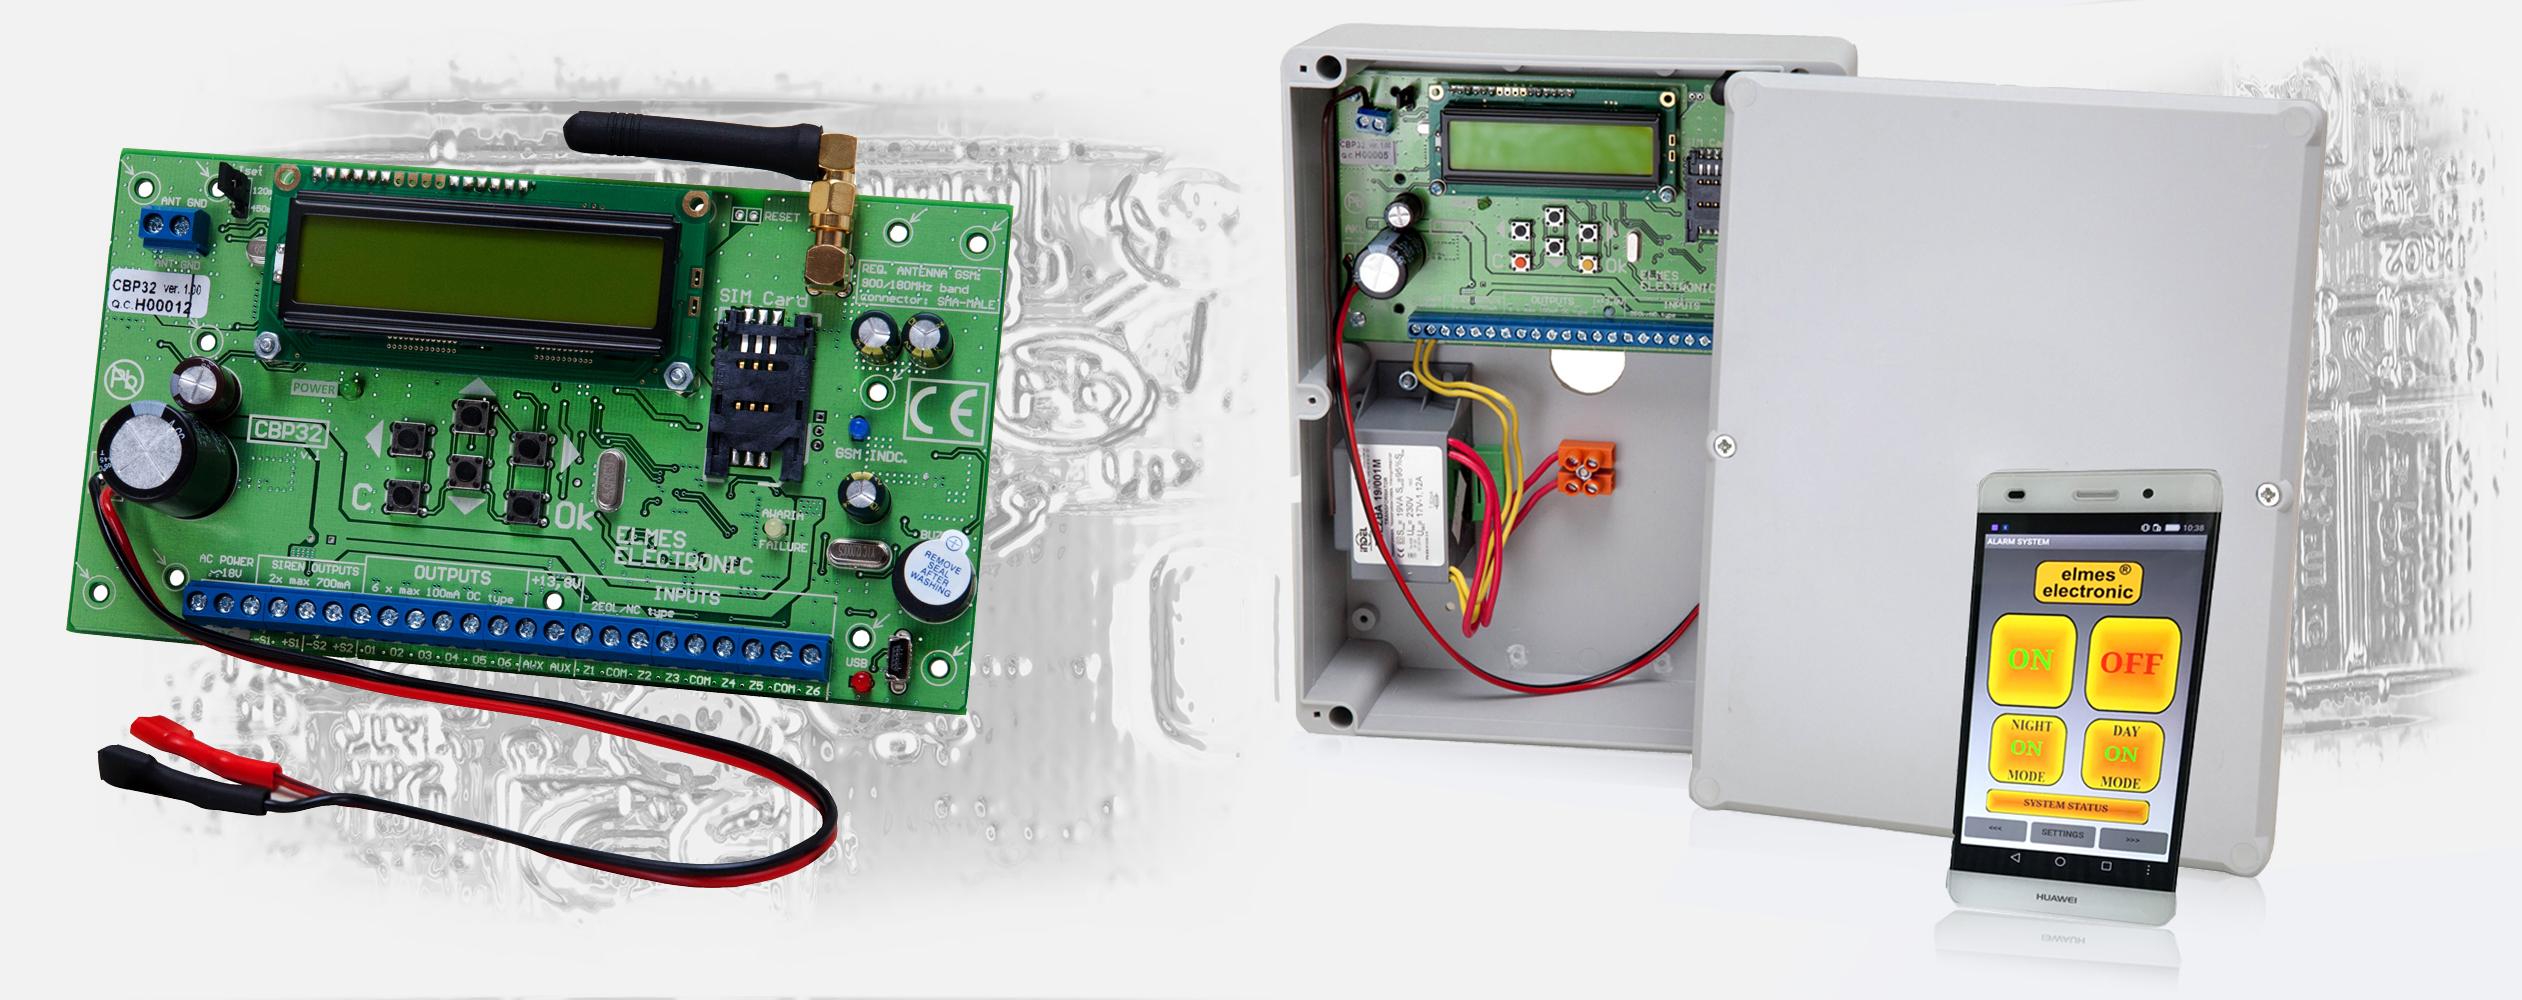 CBP32- bezprzewodowo-przewodowa centrala alarmowa.